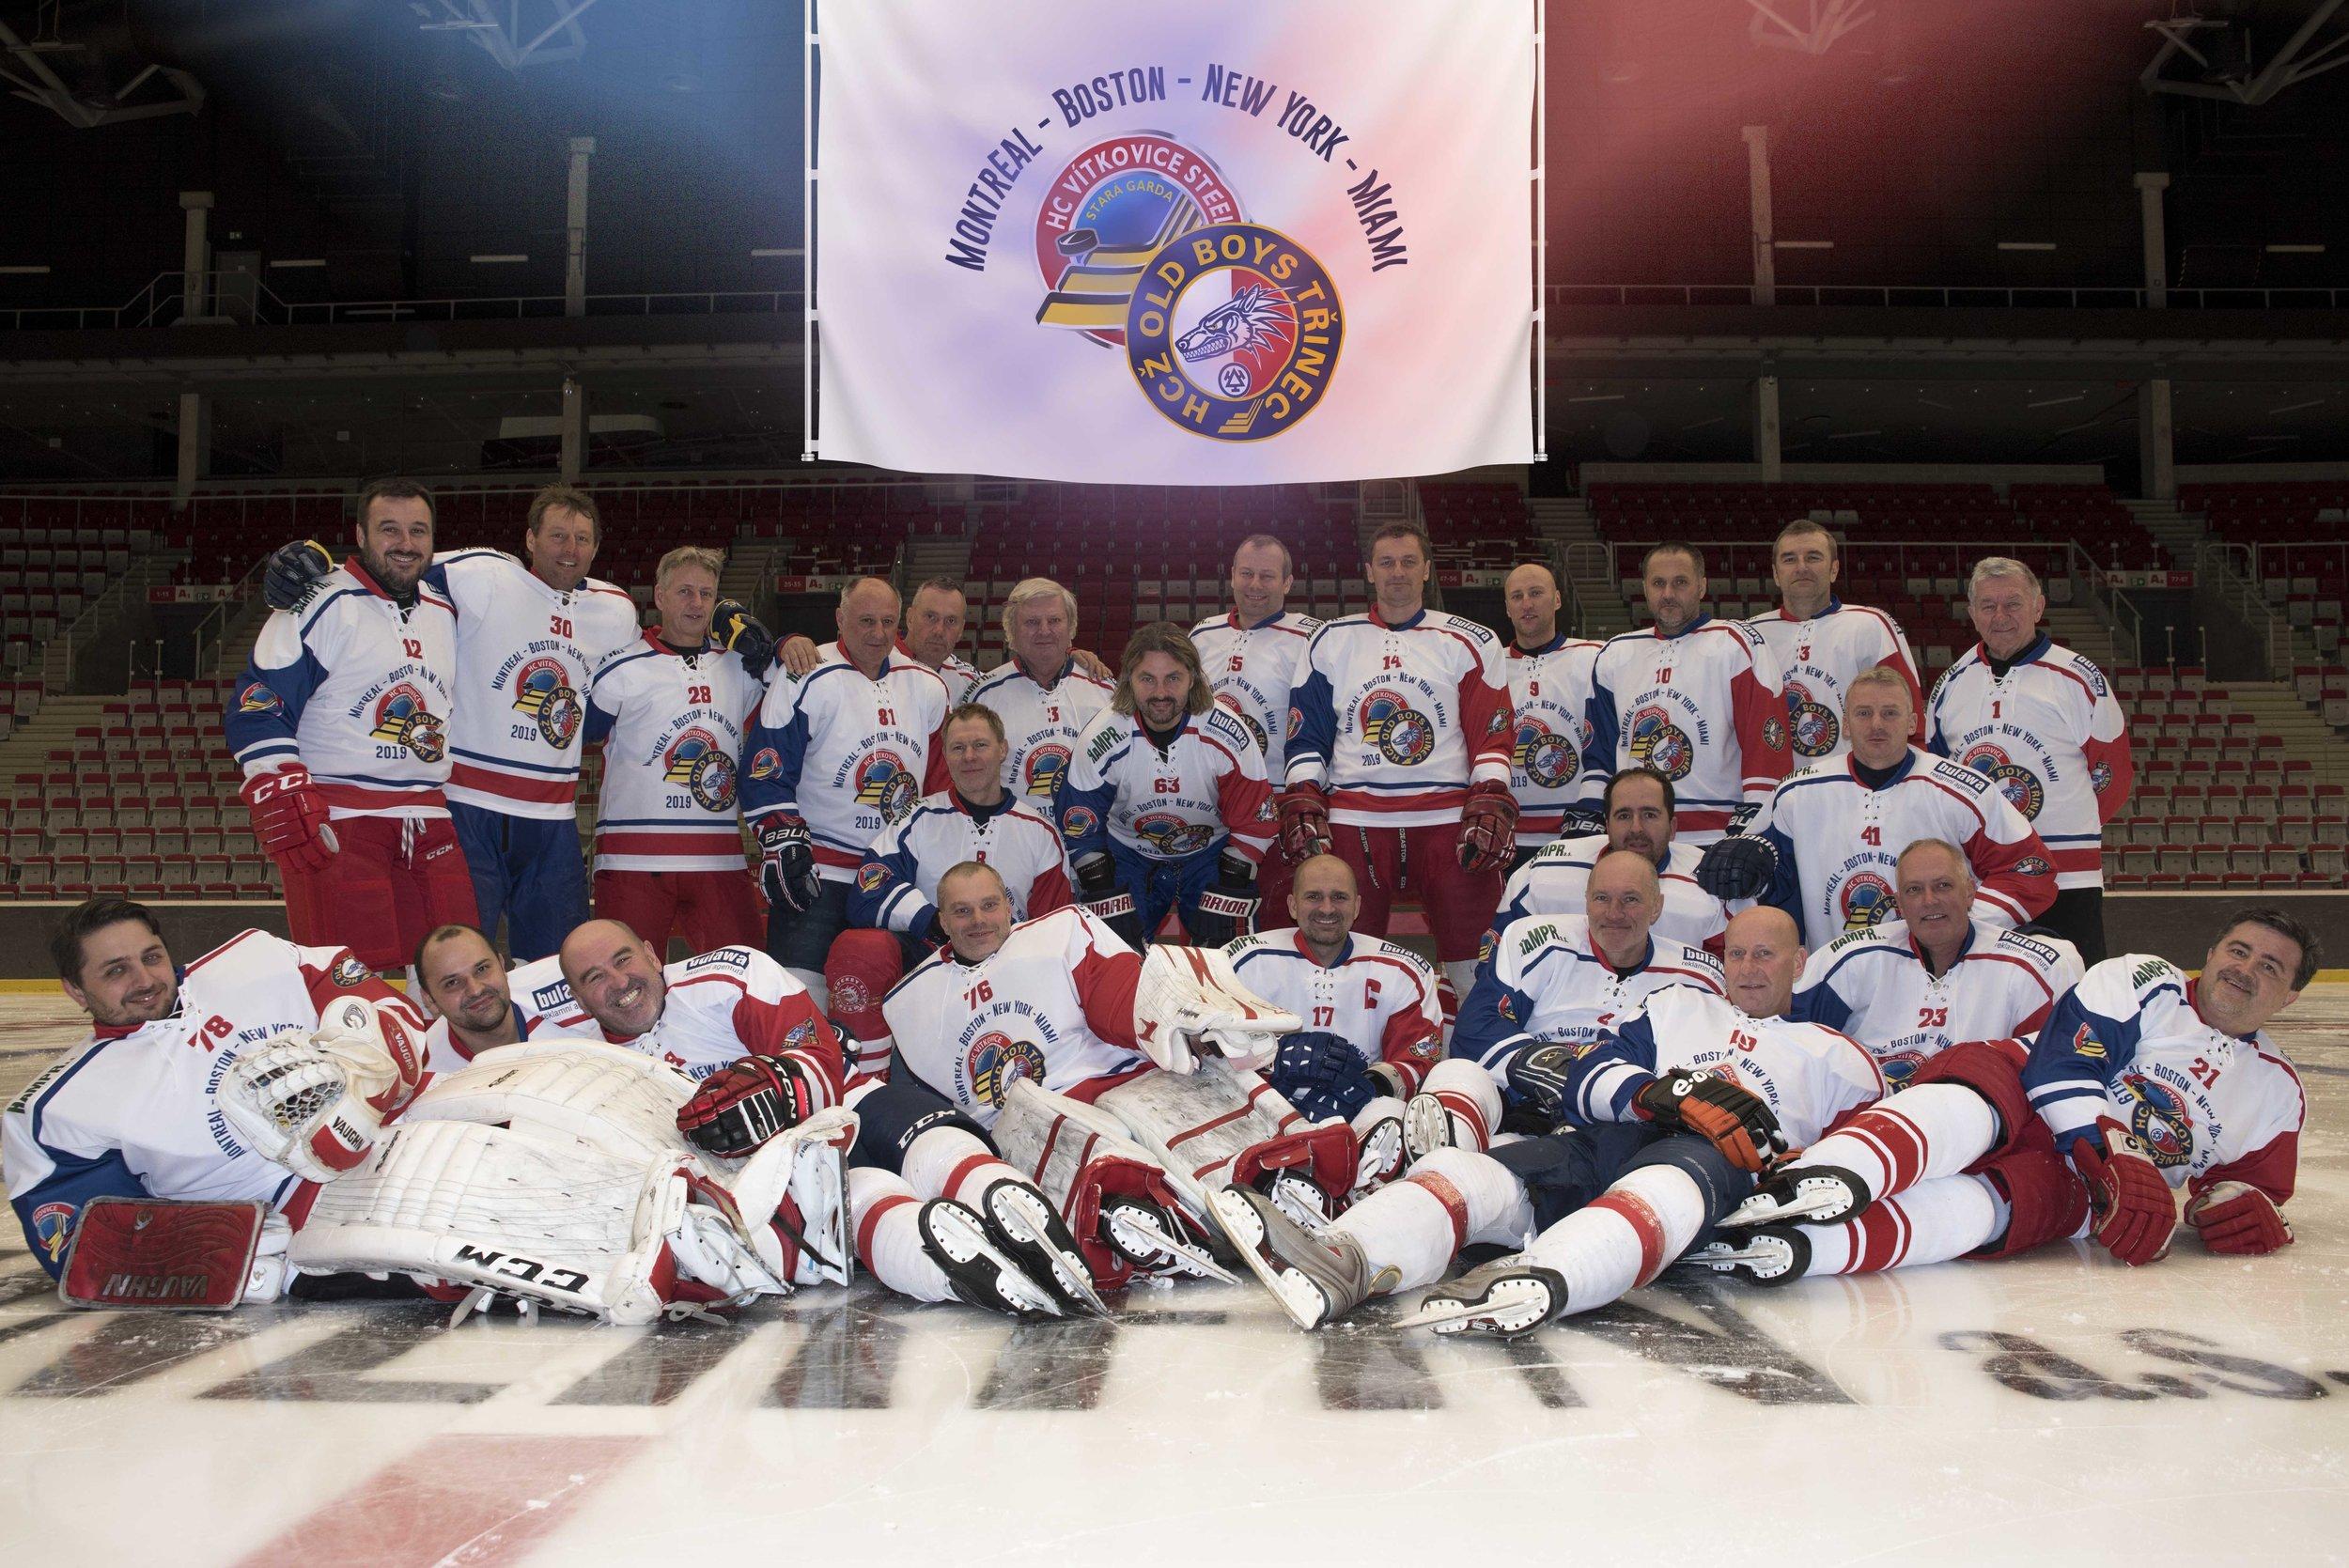 Le Stara Garda Vítkovice & Old Boys Trinec qui affronteront des équipes dans 4 villes nord américaines soit Montréal, Boston, New york et Miami comme en fait foi le drapeau cossu pour la tournée surplombant l'équipe.